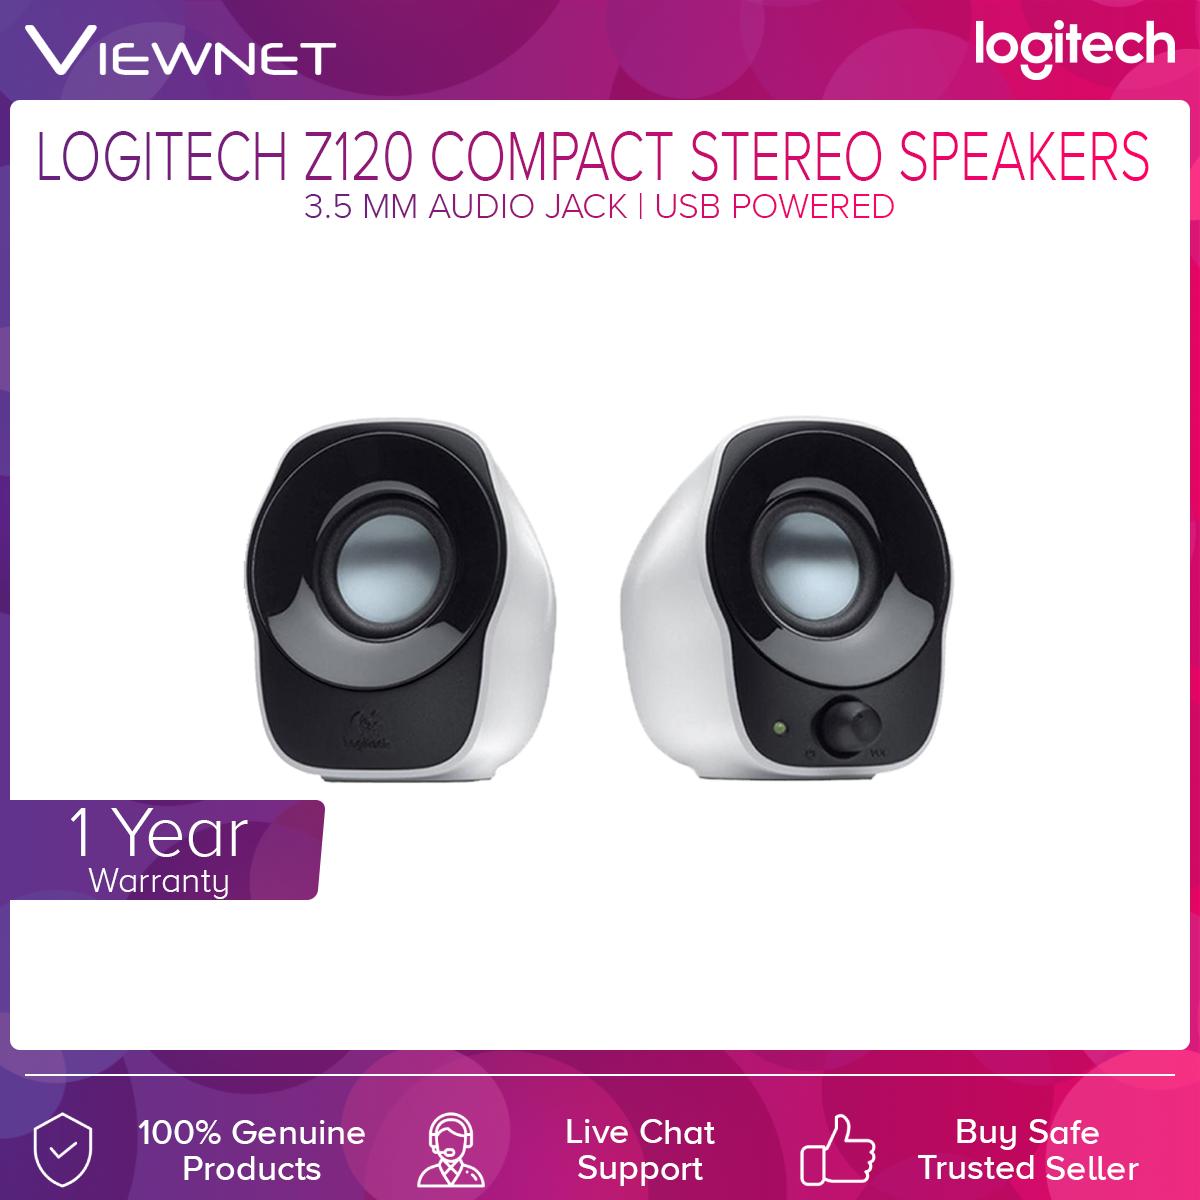 Logitech Z120 3.5MM USB Power Mini Stereo Speaker (980-000514)